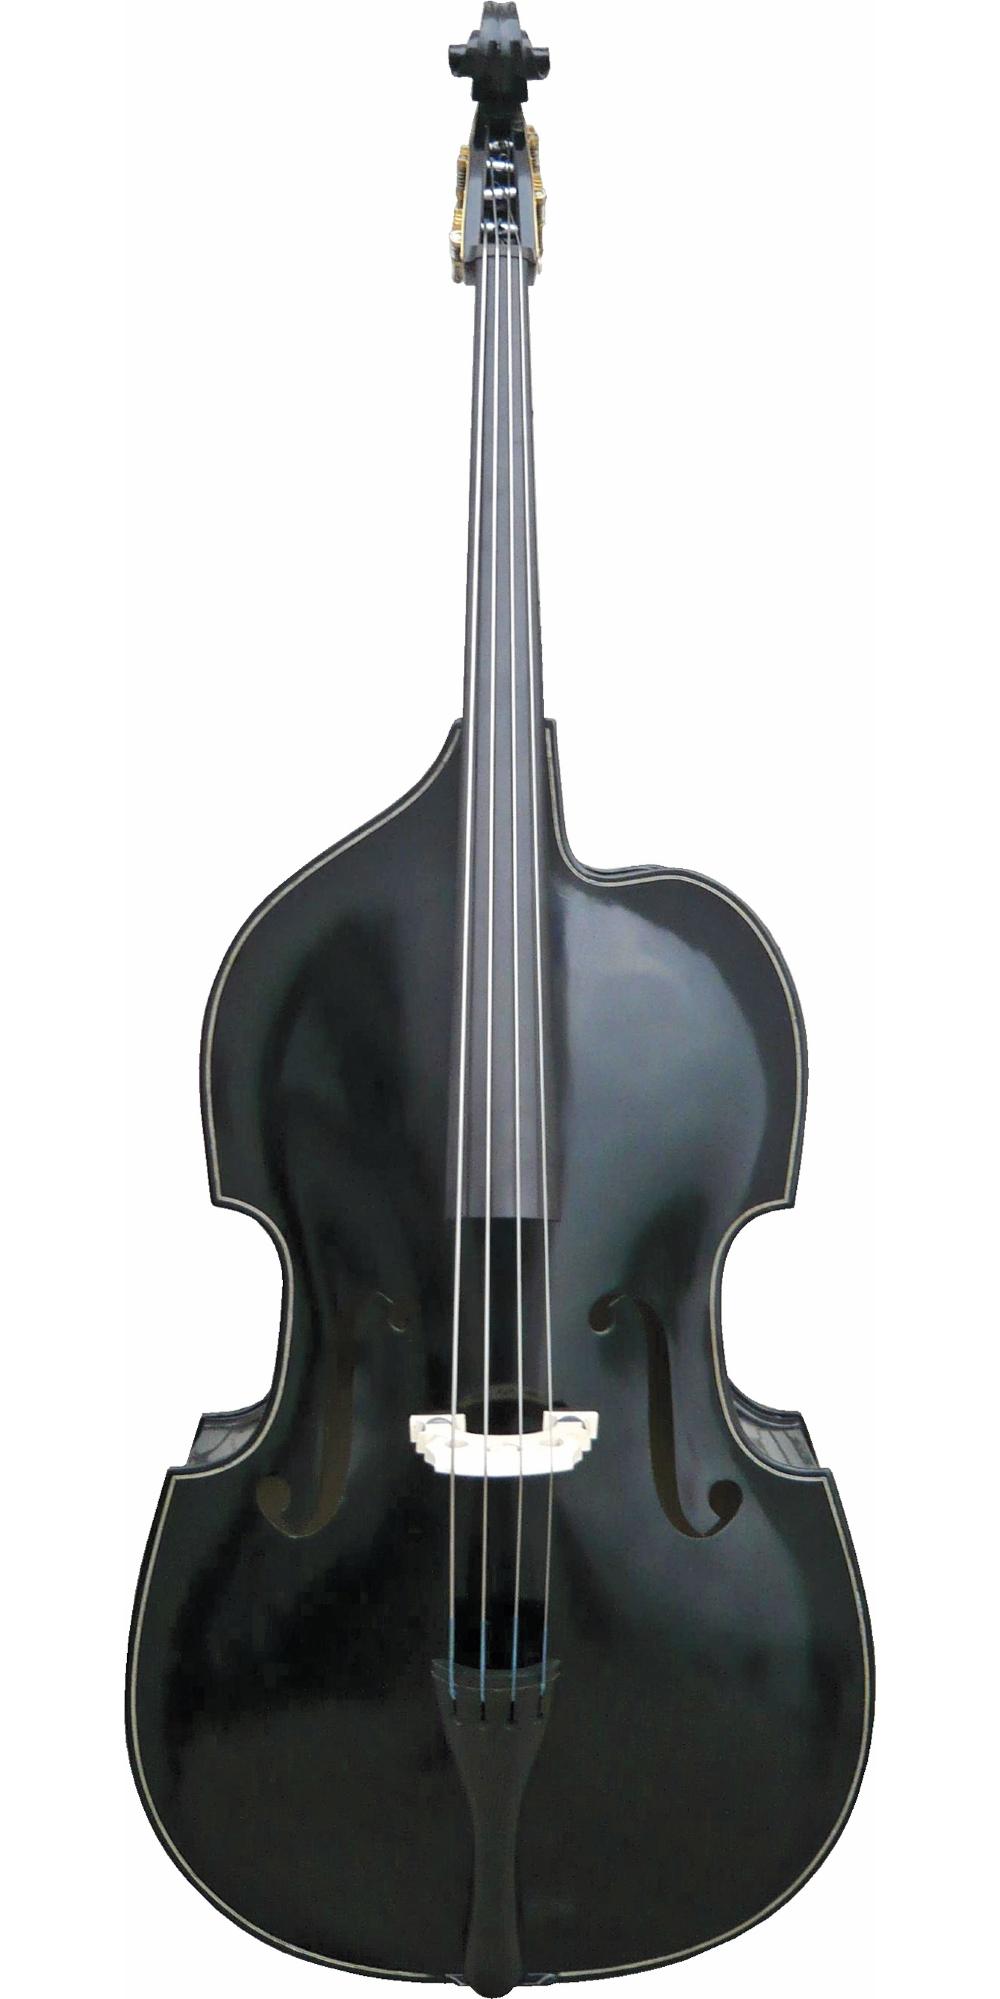 Palatino Billy Bass 3 4-Size Upright Bass Black by Palatino